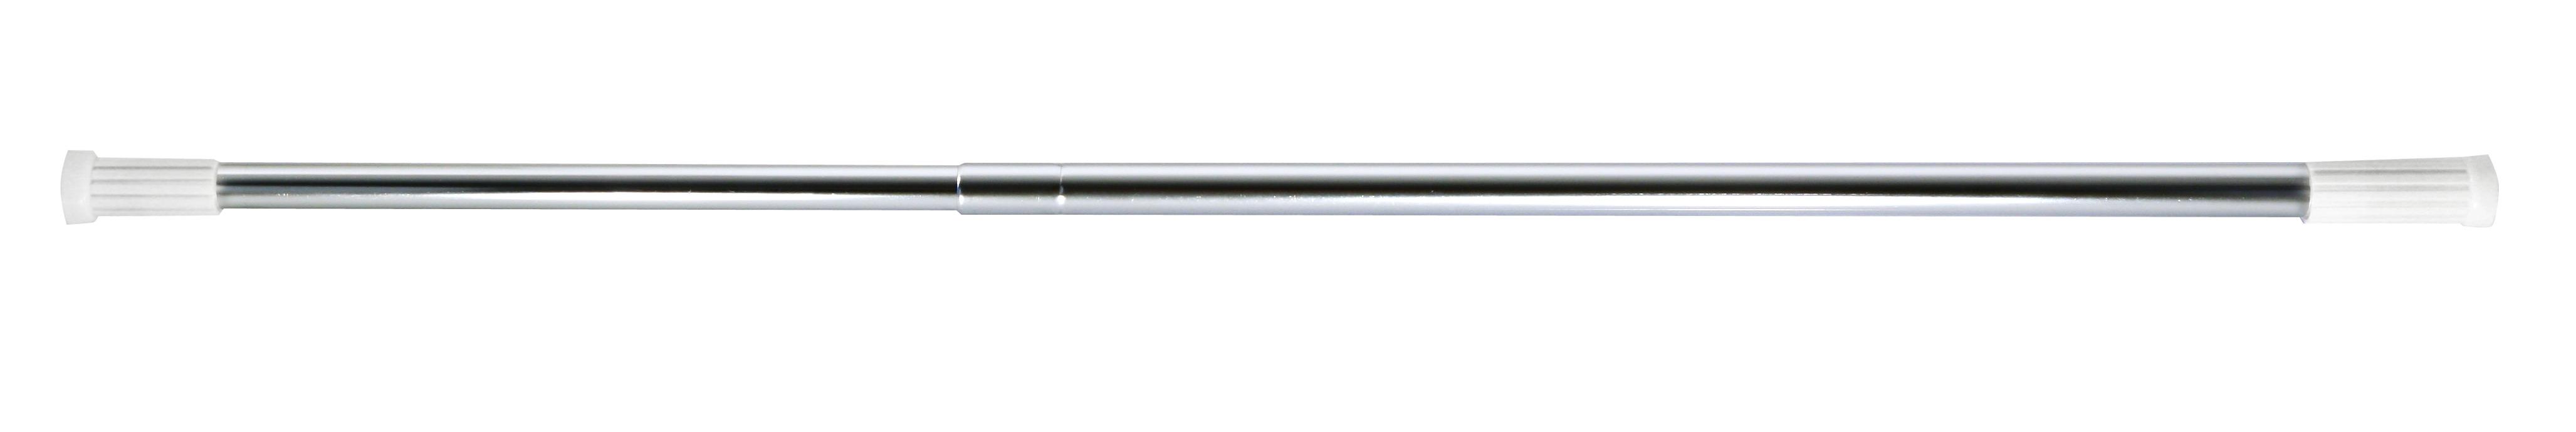 Bara extensibila 140-260cm, suport pentru perdea de dus - AWD02100234